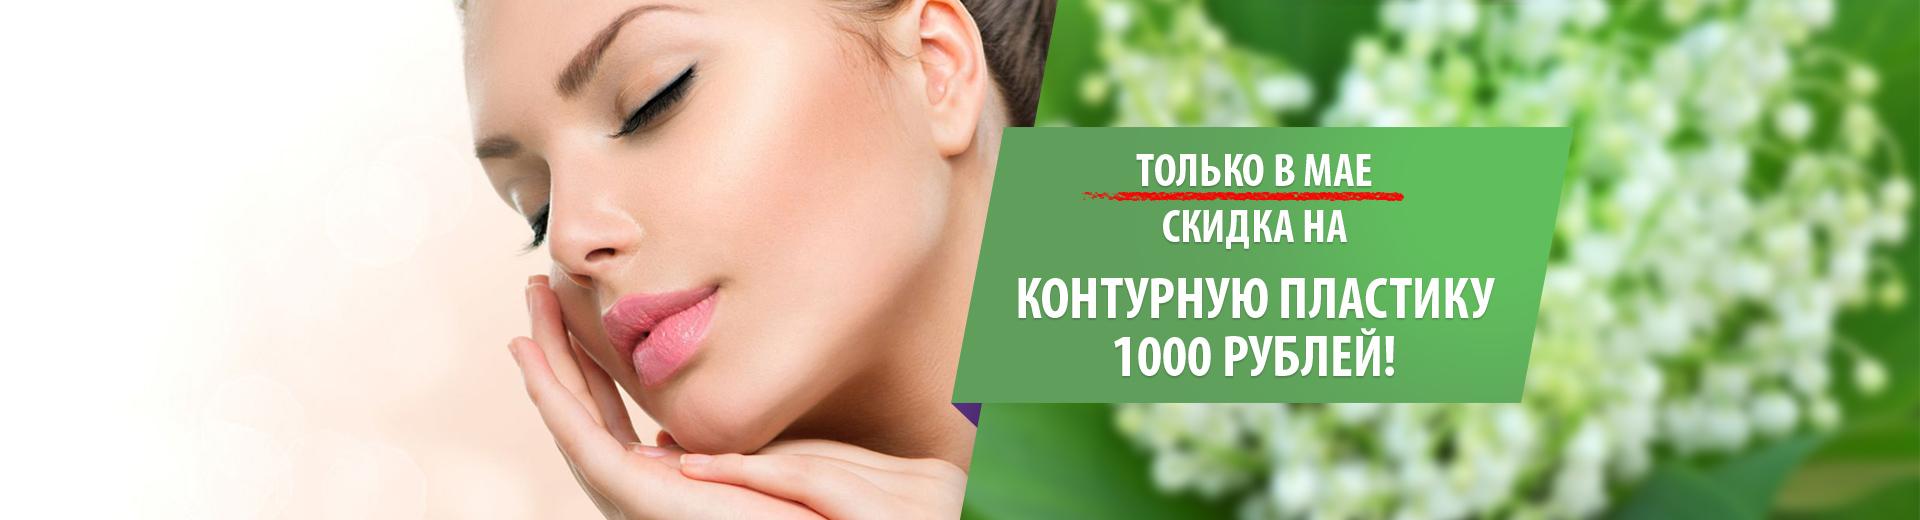 Скидка на контурную пластику - 1000 рублей